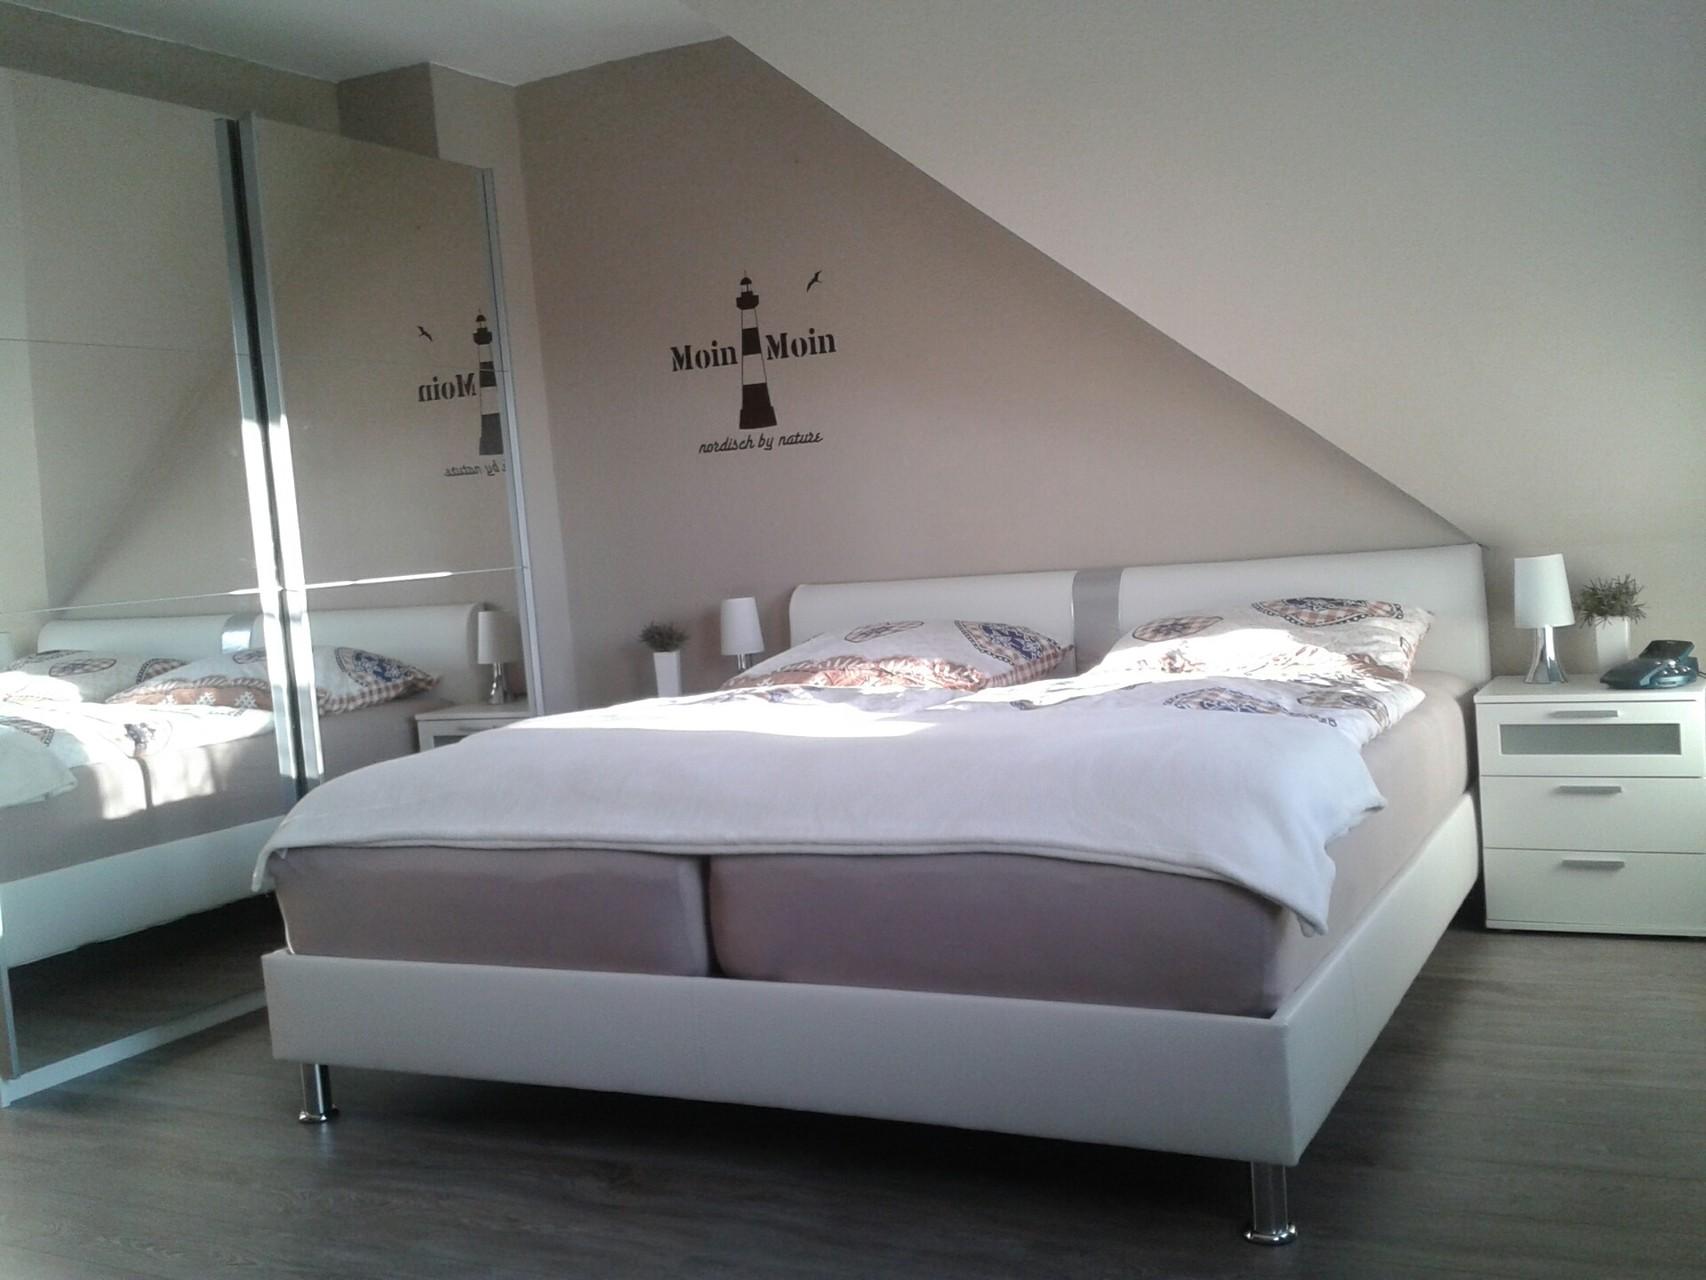 schlafzimmer nordisch bettdecken t bingen k fer im schlafzimmer bettw sche mako satin rot gr e. Black Bedroom Furniture Sets. Home Design Ideas